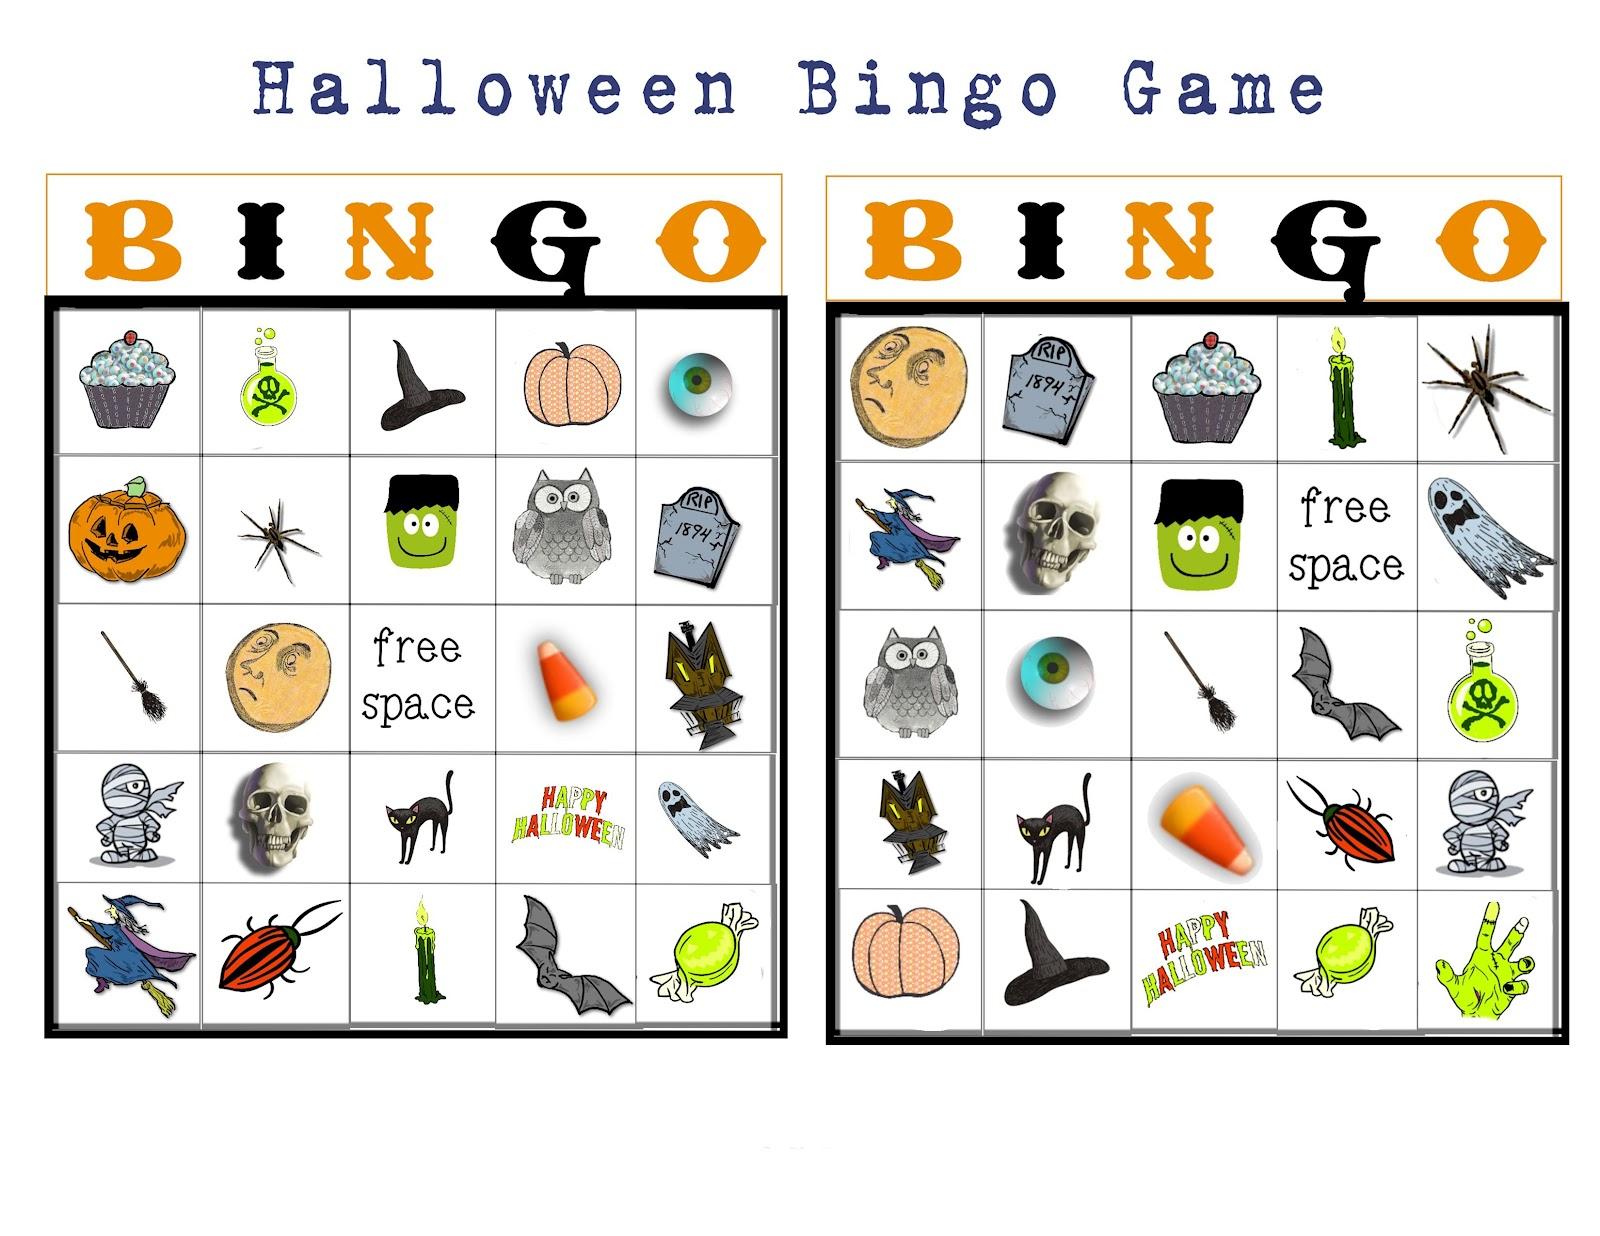 Halloween Bingo Printable Free Printable Halloween Bingo 151249 - Free Printable Halloween Bingo